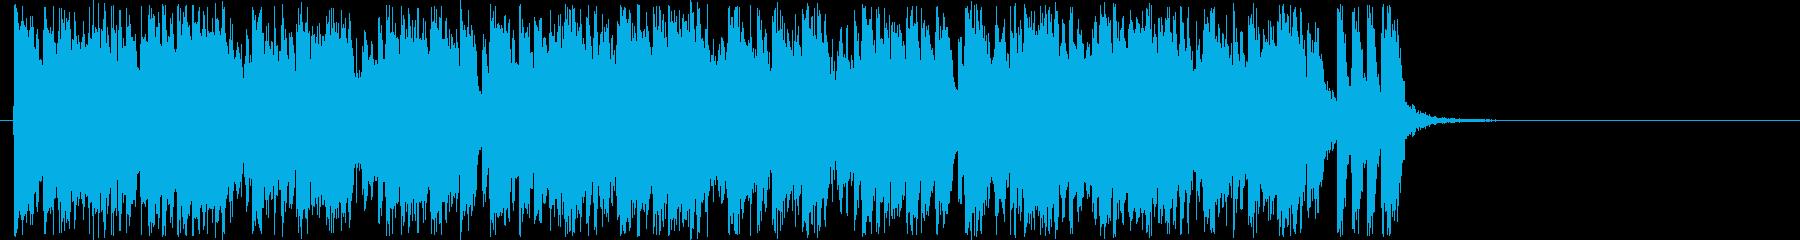 30秒車のCMのイメージですの再生済みの波形